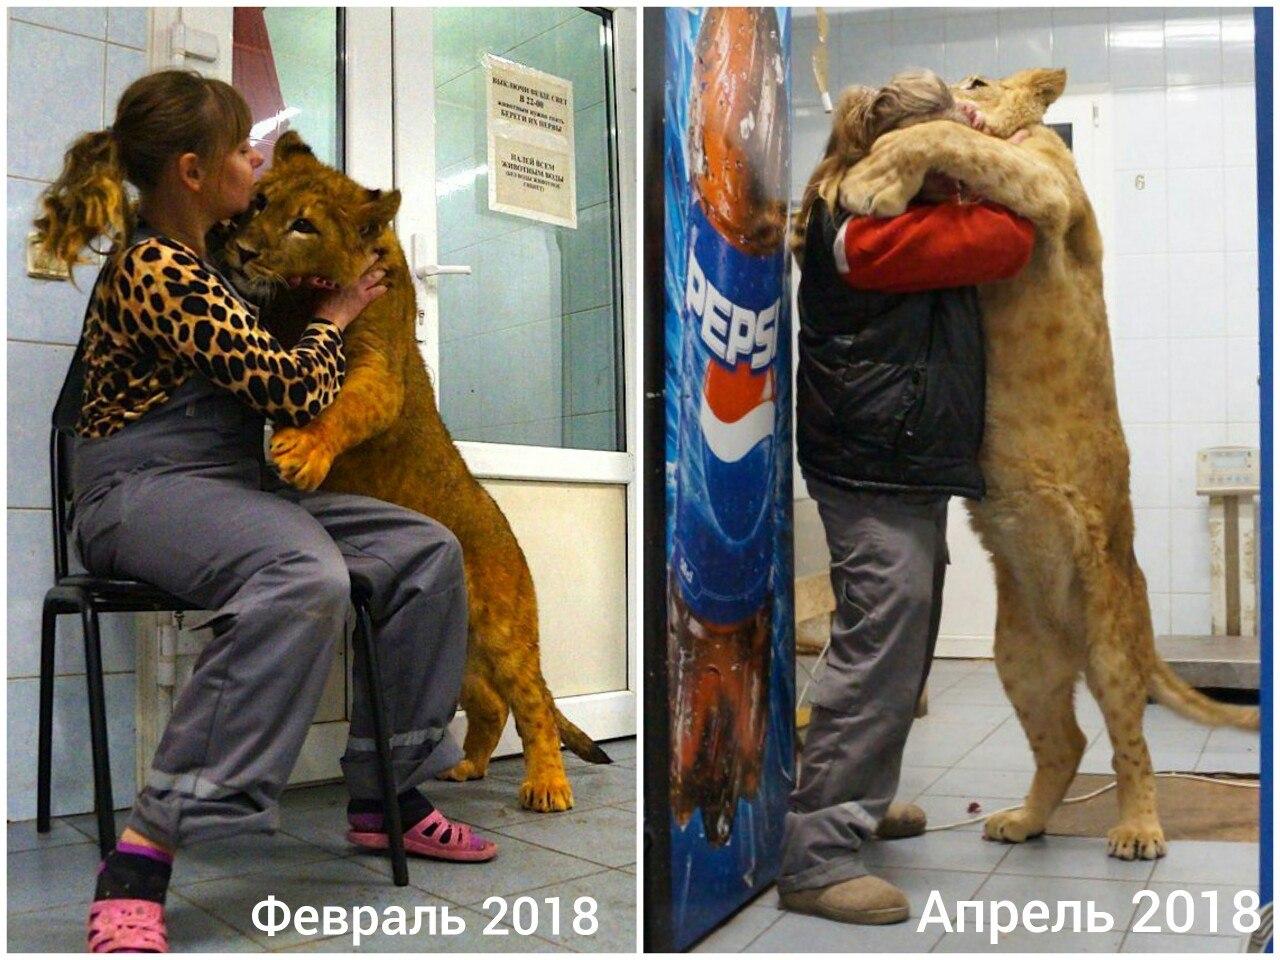 Про диких животных, которые всех удивили! Спасение ослика-сюрприза, молочного медвежонка и йога-львицы! рис 8